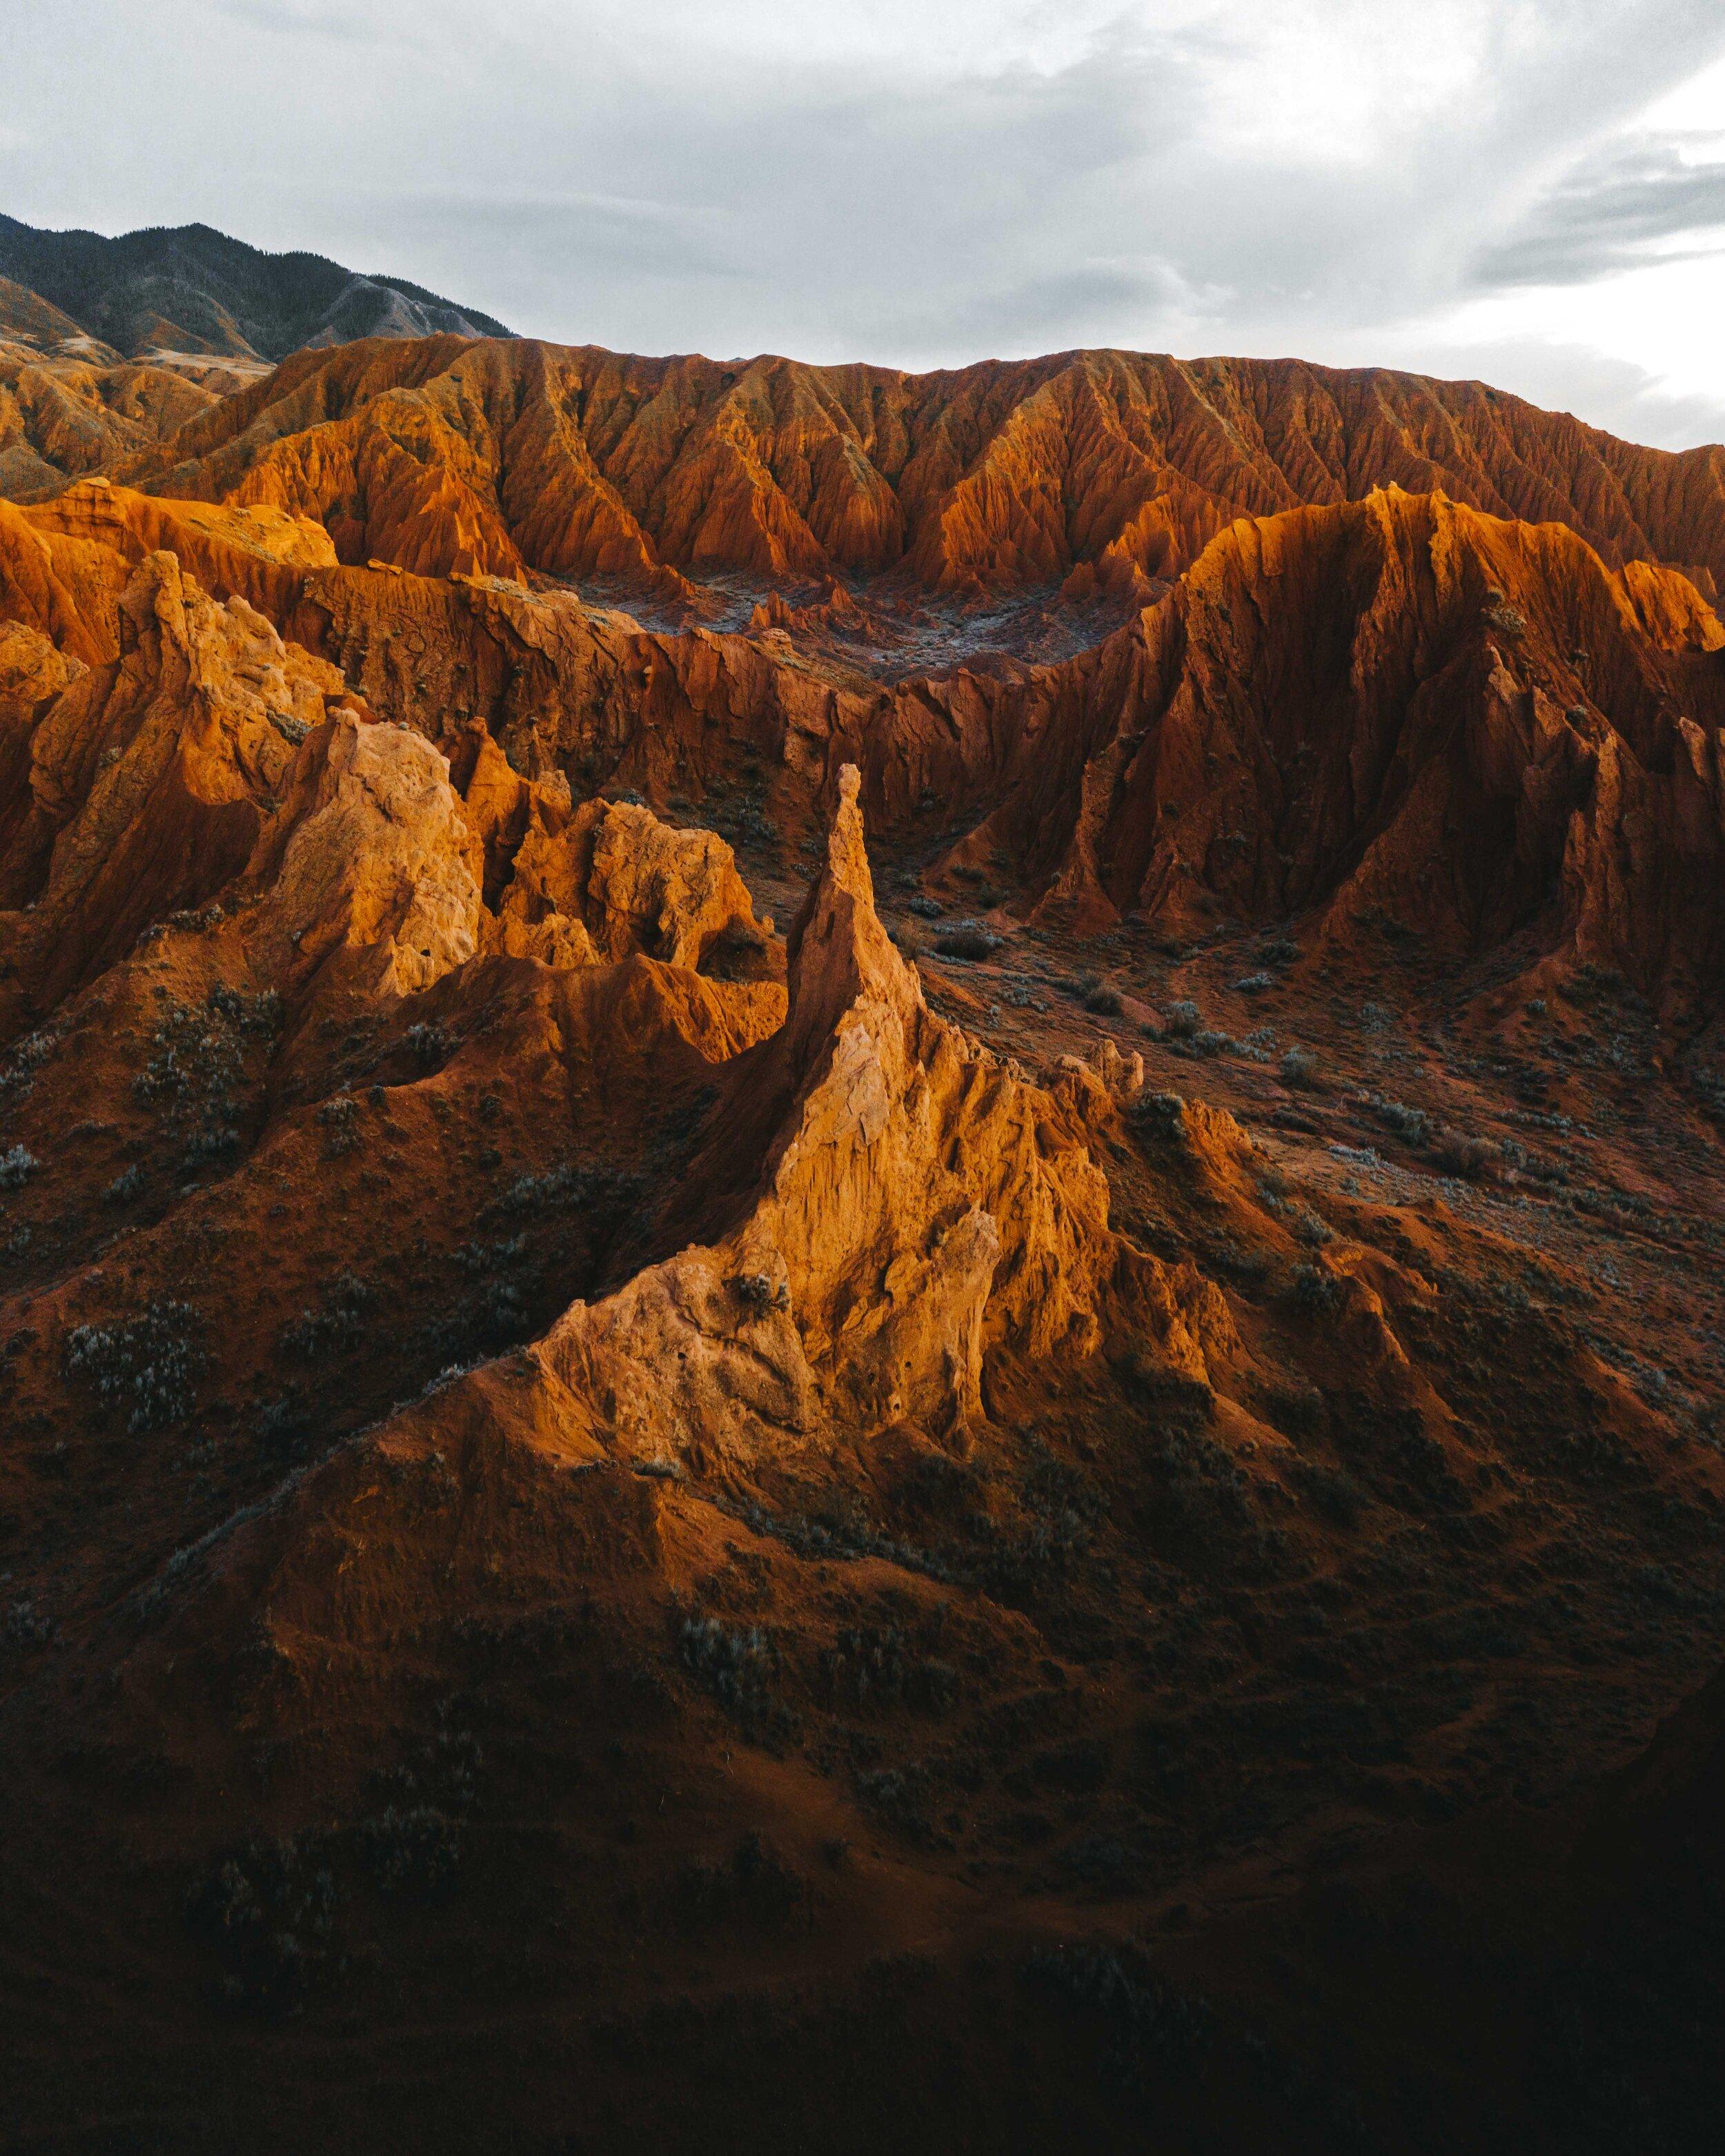 Mars Canyon from the sky. Shot on MavicPro 2